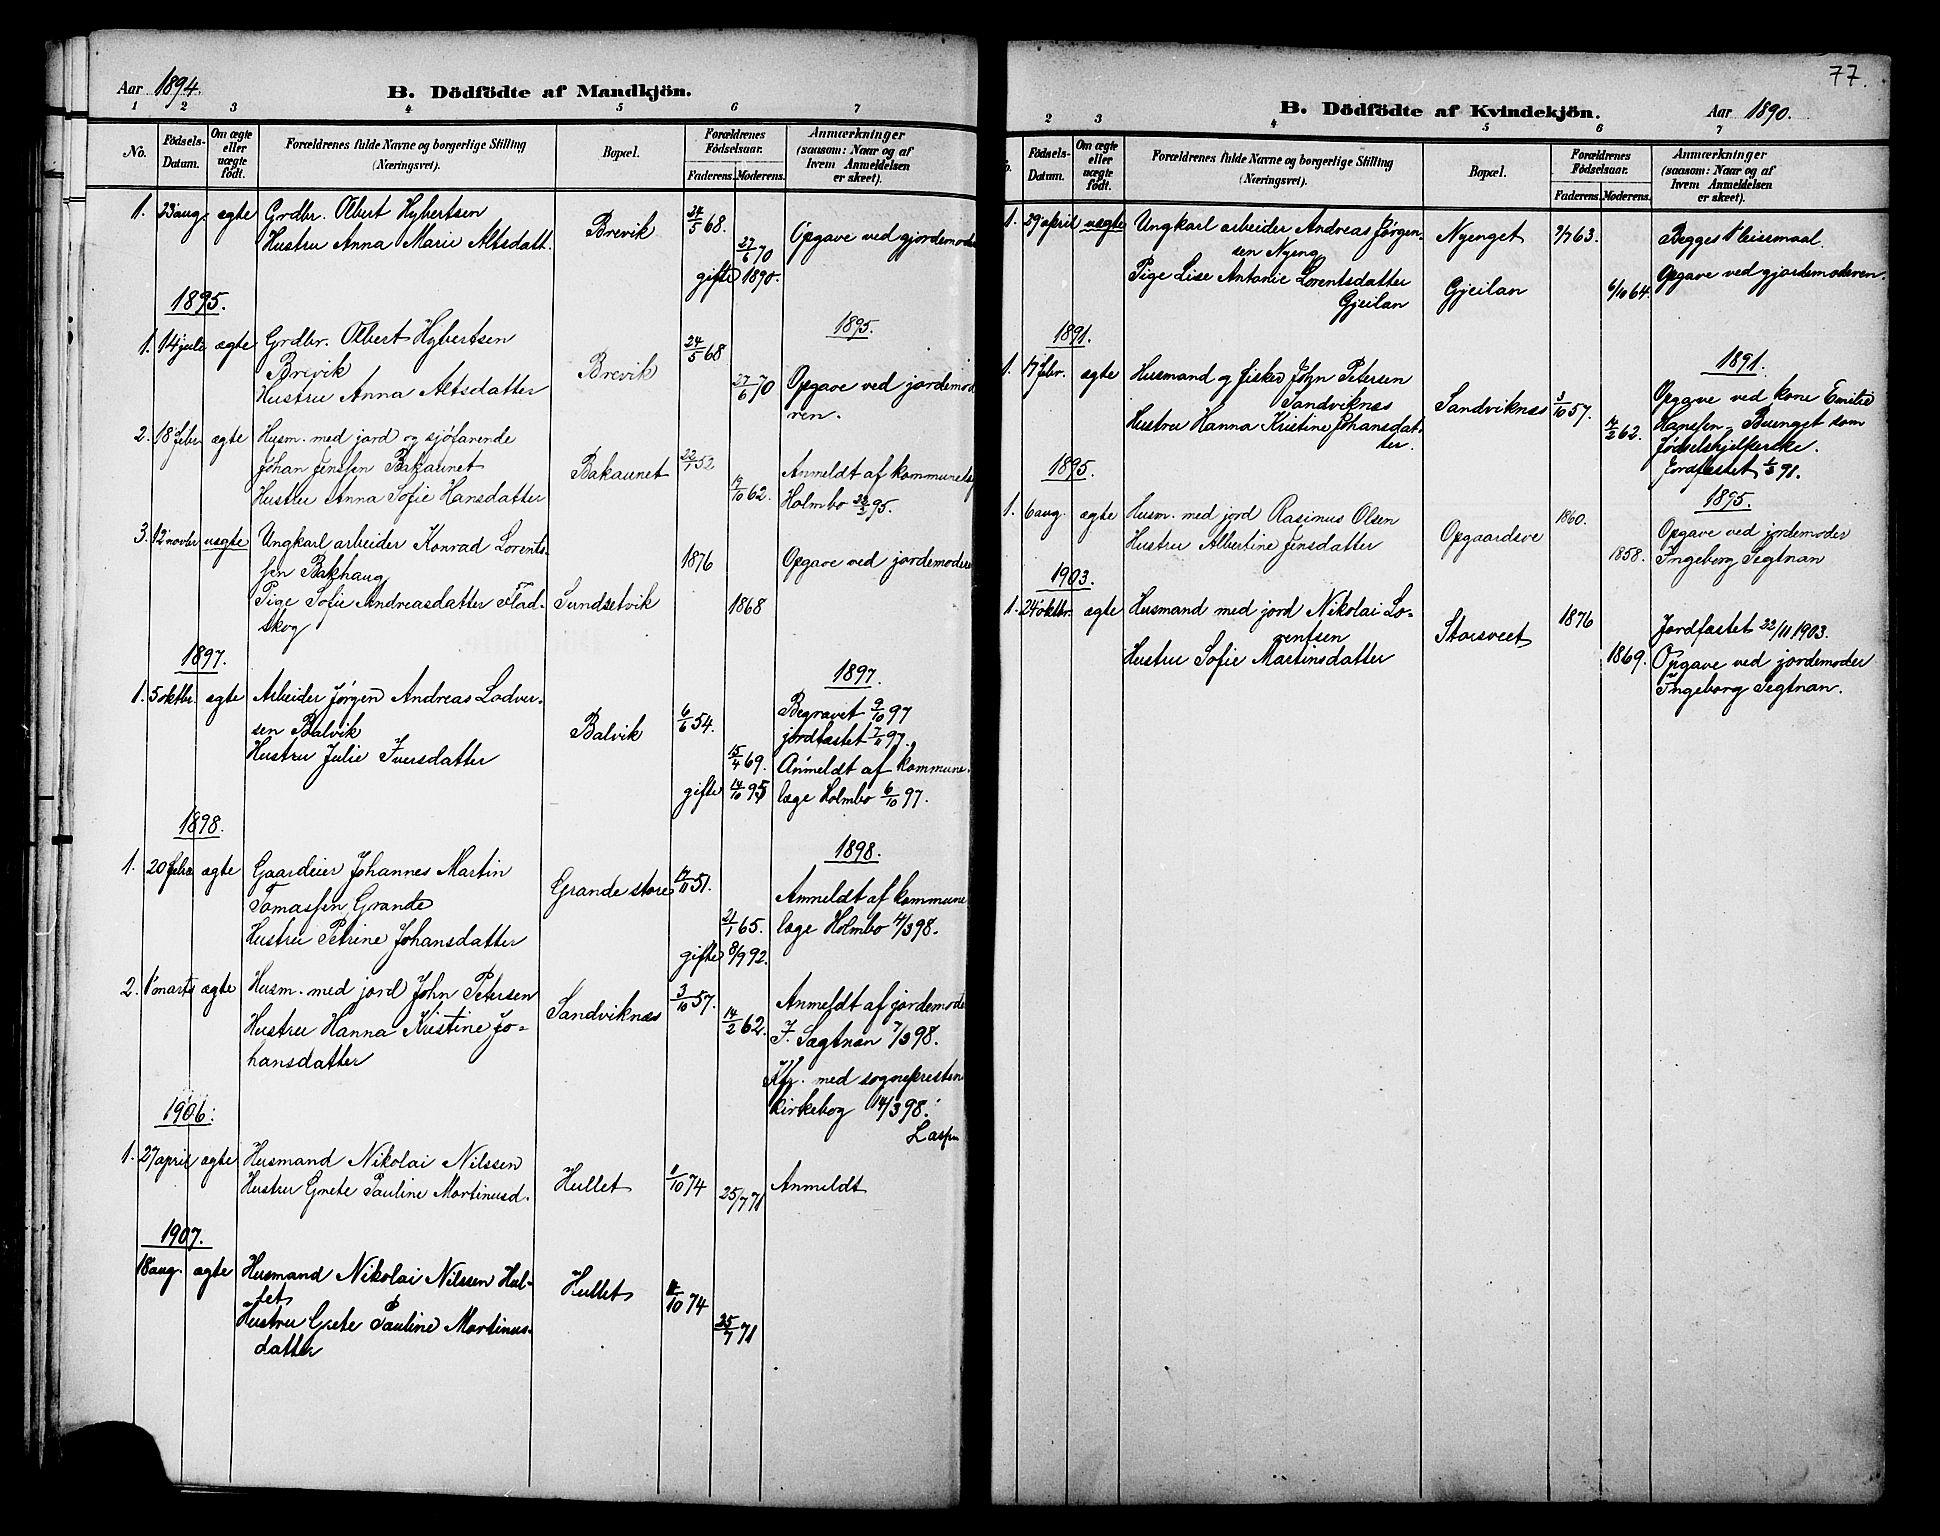 SAT, Ministerialprotokoller, klokkerbøker og fødselsregistre - Nord-Trøndelag, 733/L0327: Klokkerbok nr. 733C02, 1888-1918, s. 77